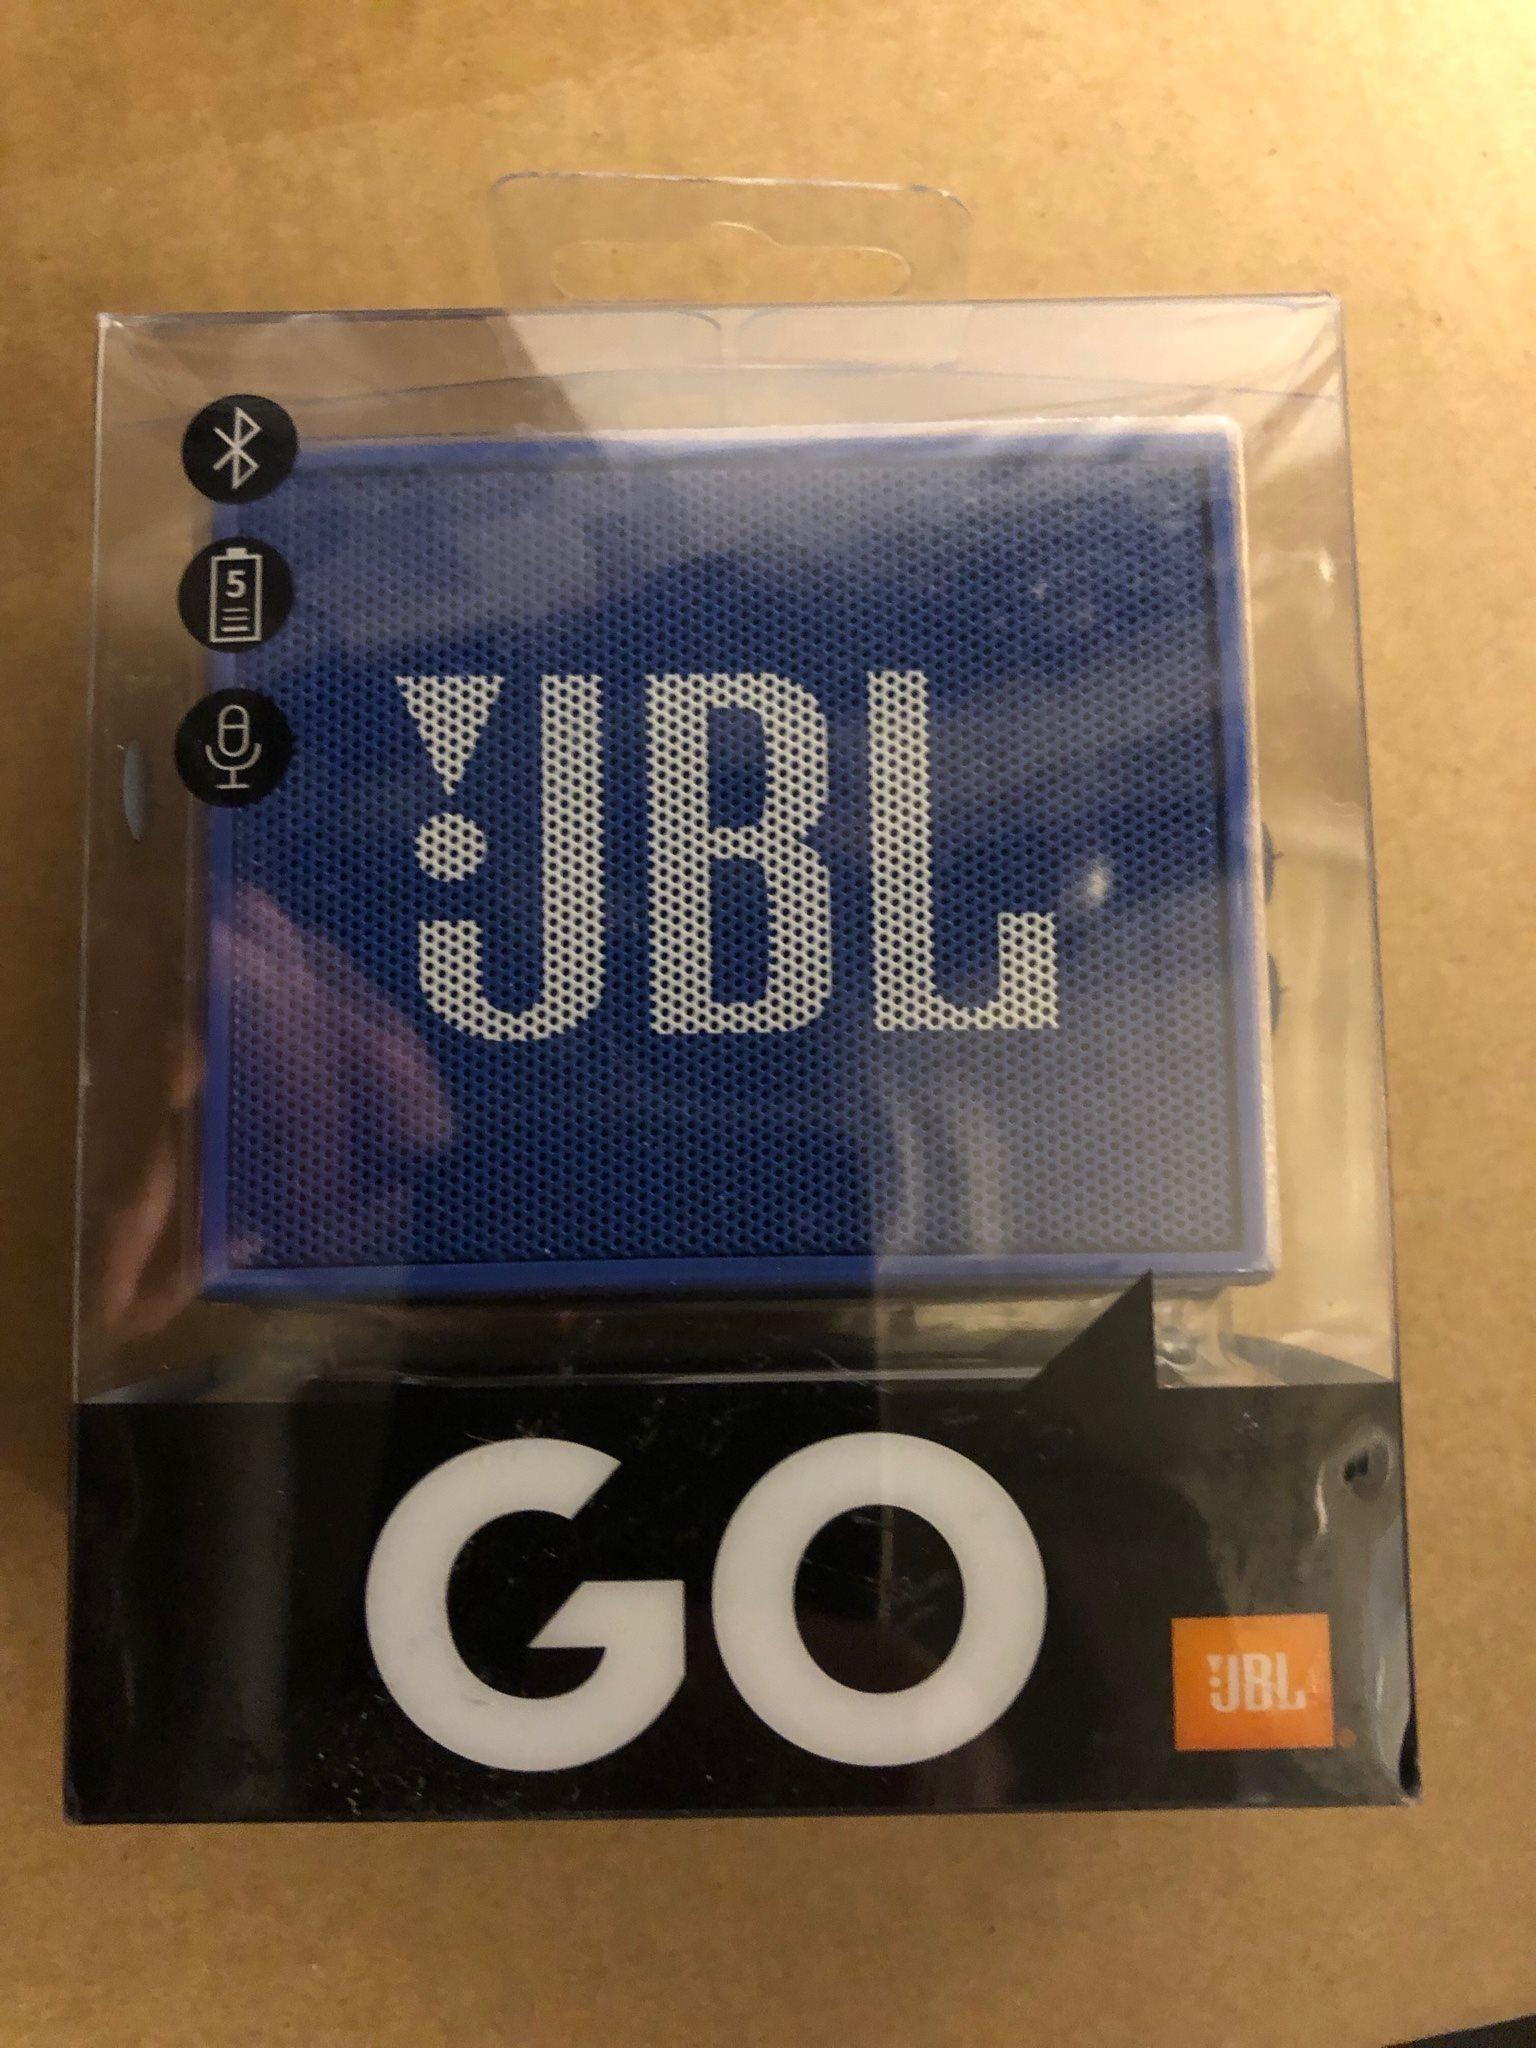 JBL GO Bluetooth högtalare (338384220) ᐈ Köp på Tradera d25da3cba7ff3